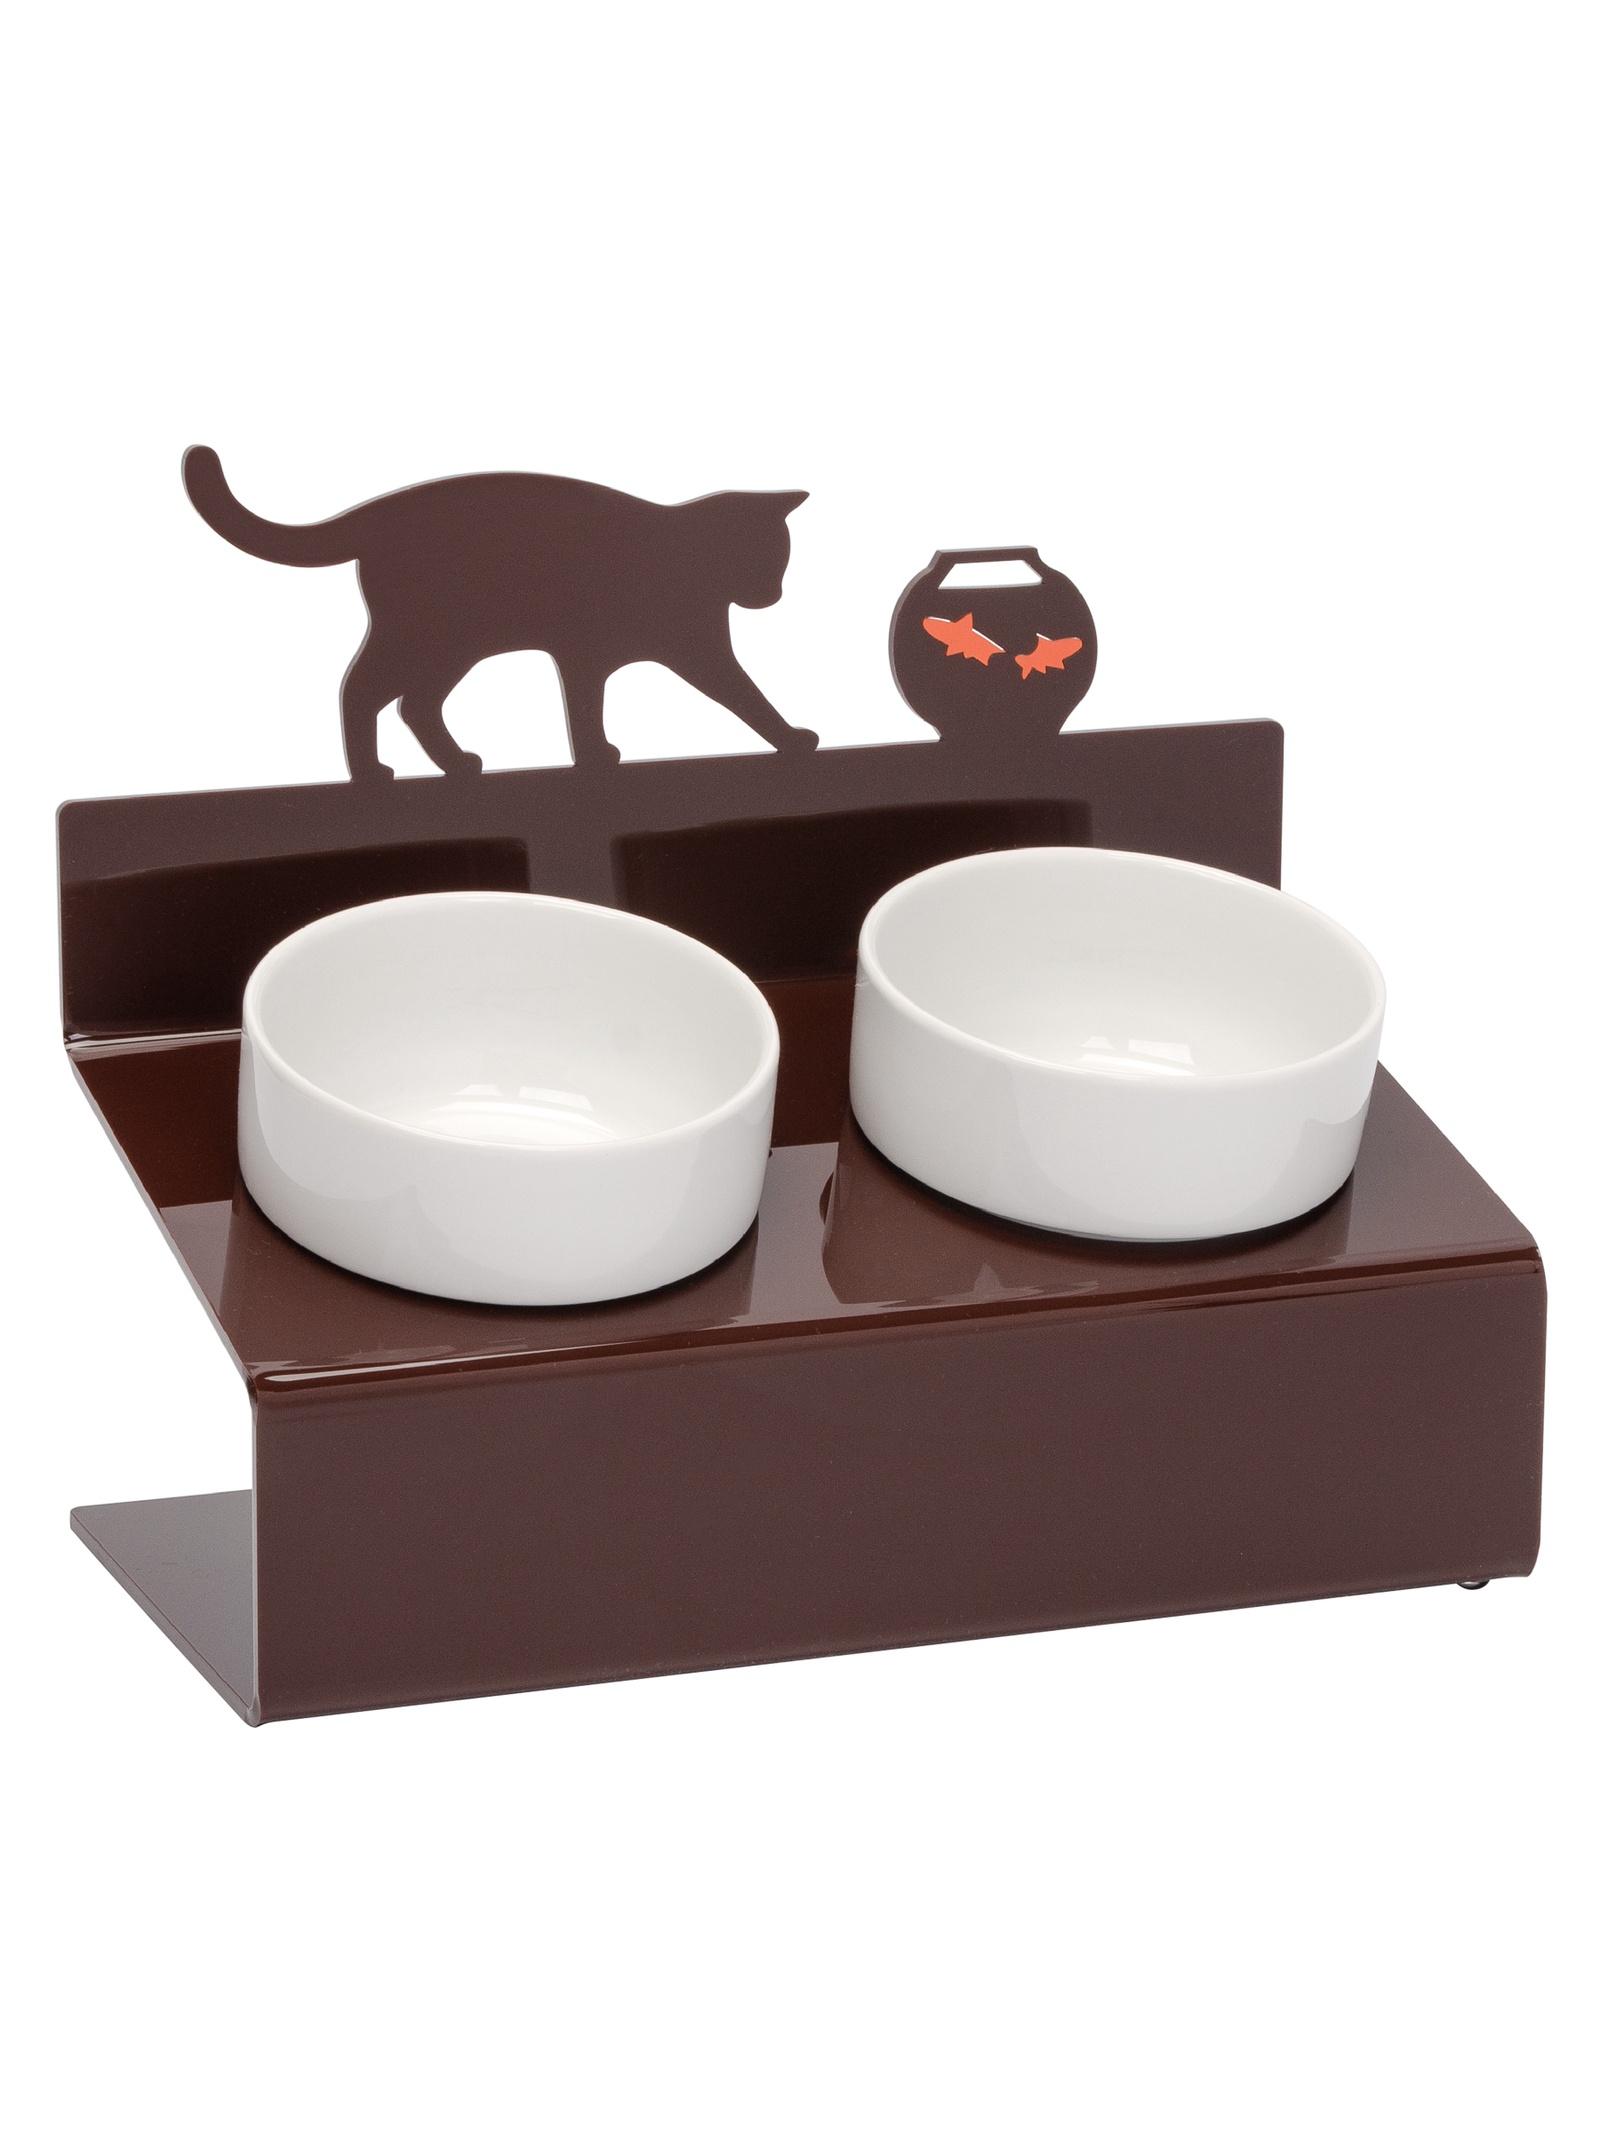 Миска для животных Artmiska Кот и рыбы двойная XS, коричневый артмиска миска для животных artmiska кот и рыбы двойная на подставке кремовая 2 шт x 350 мл